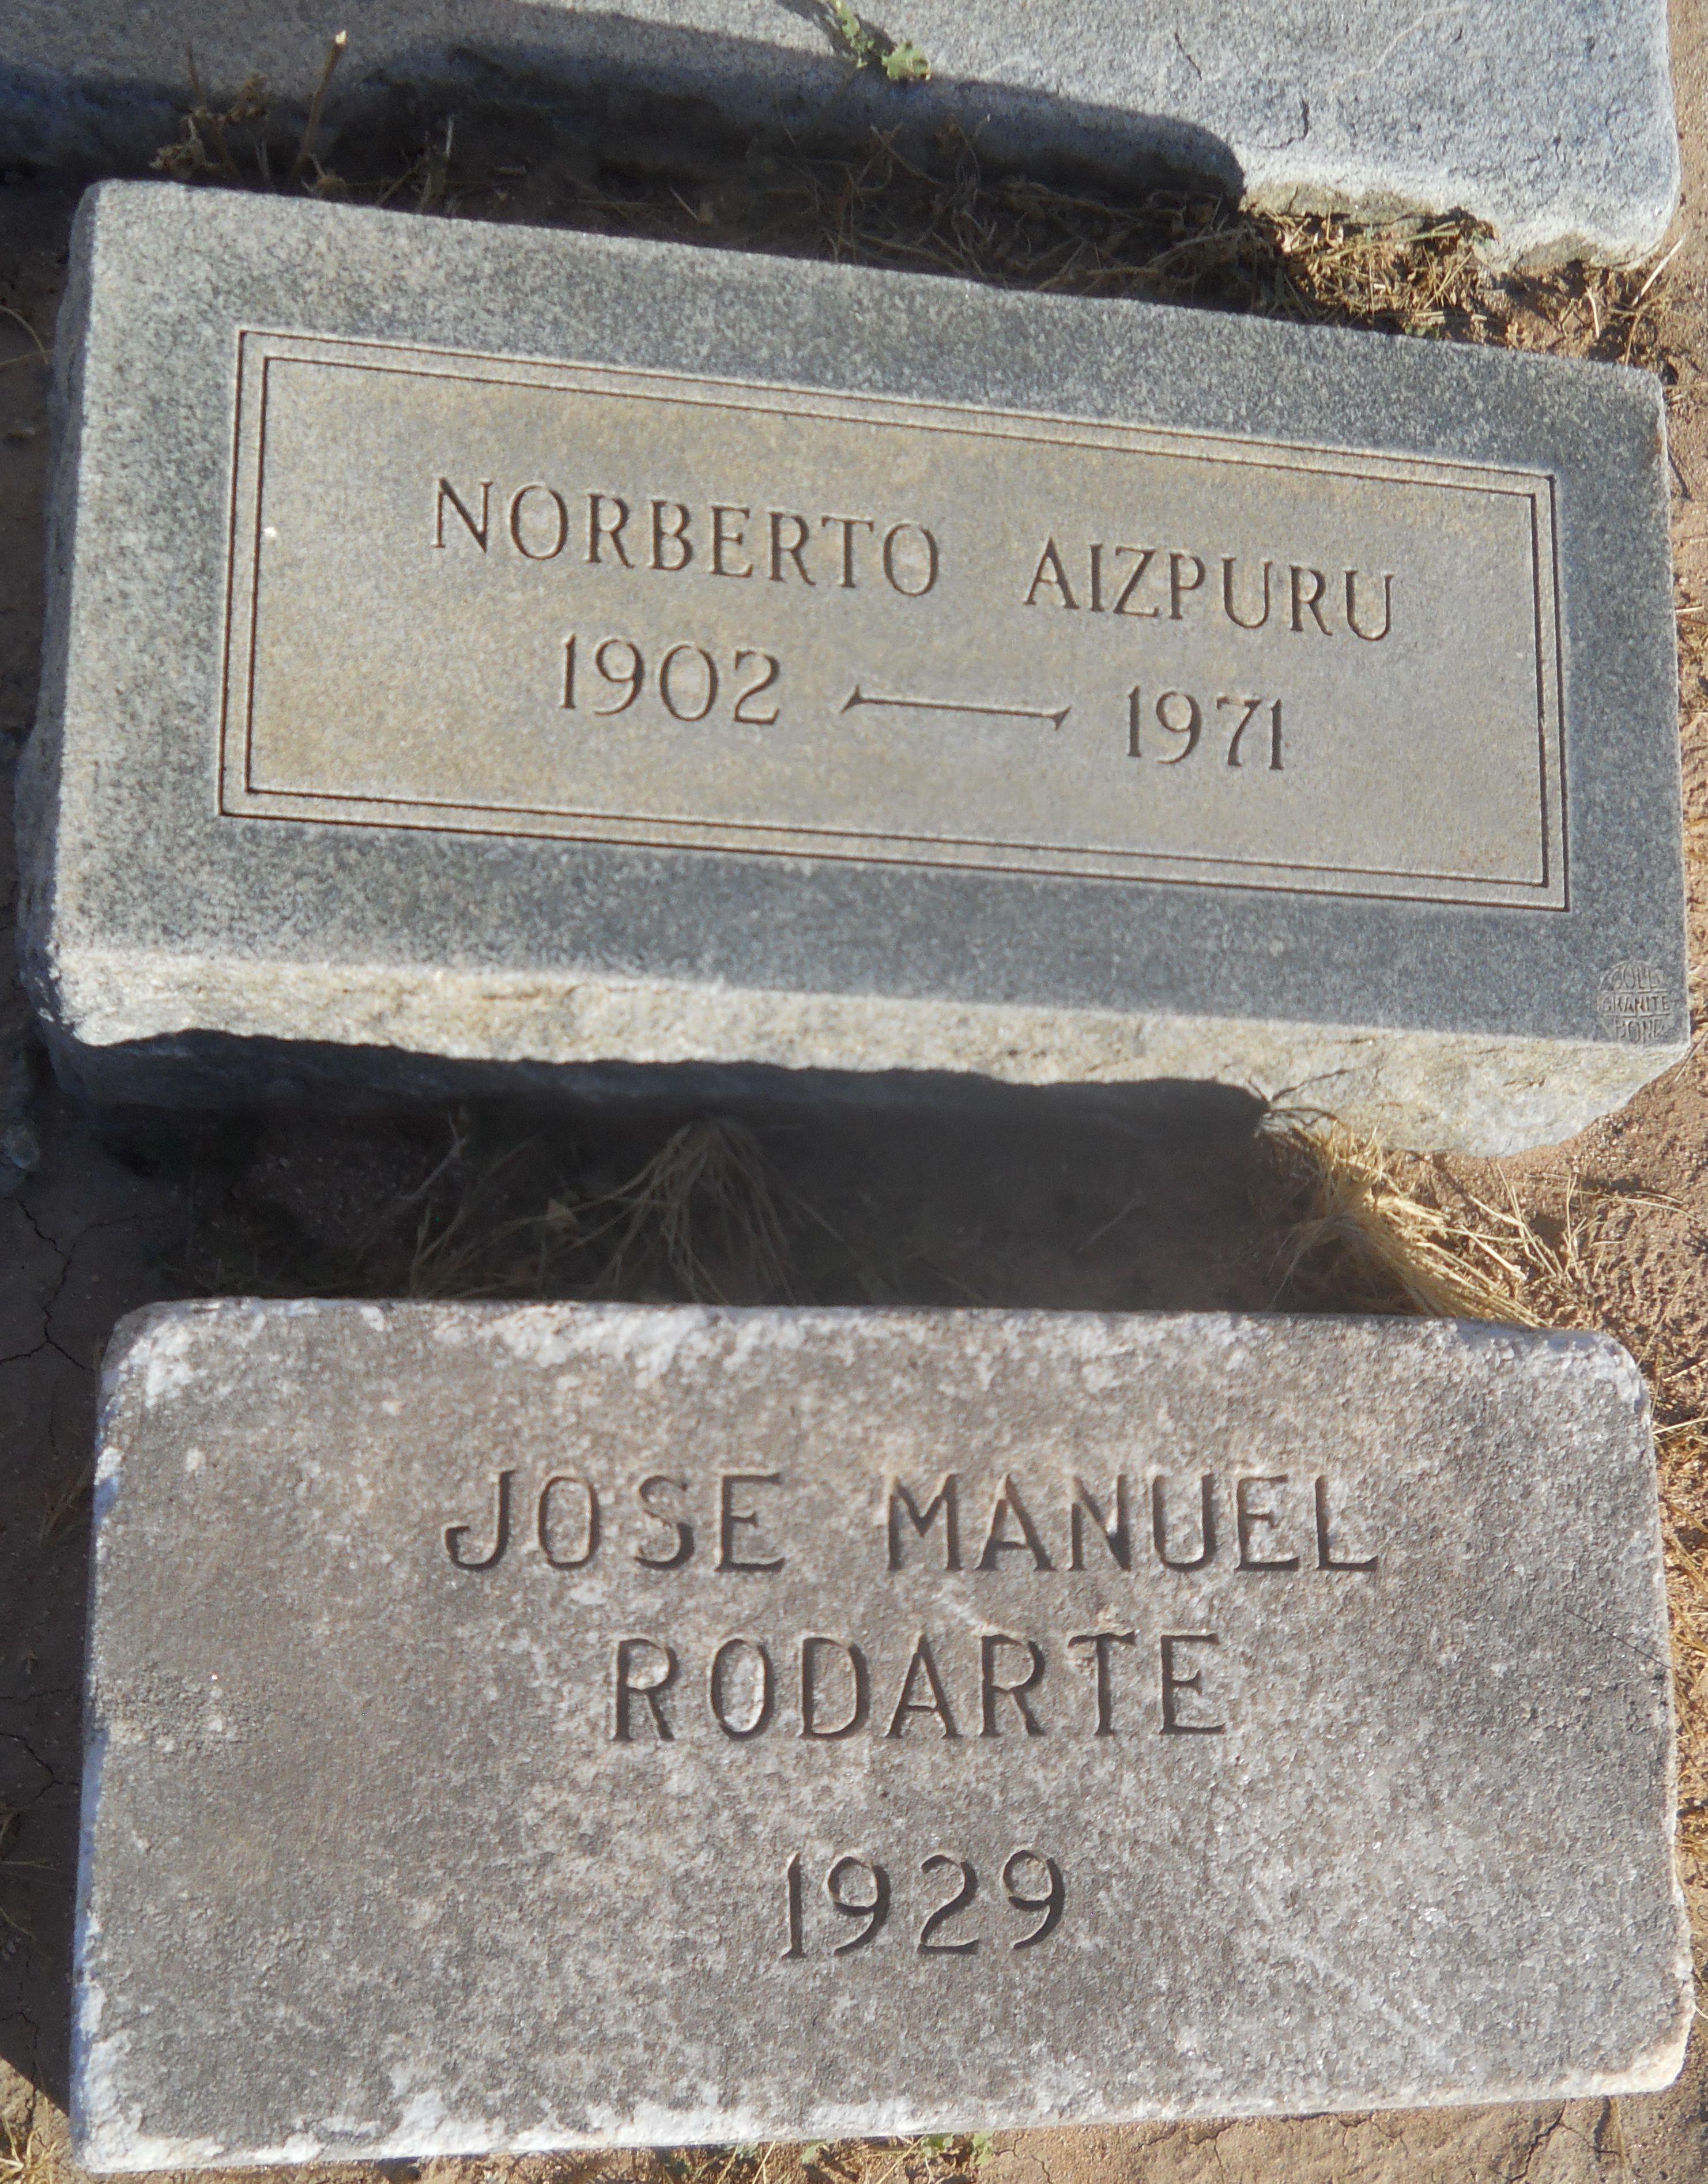 Norberto Aizpuru